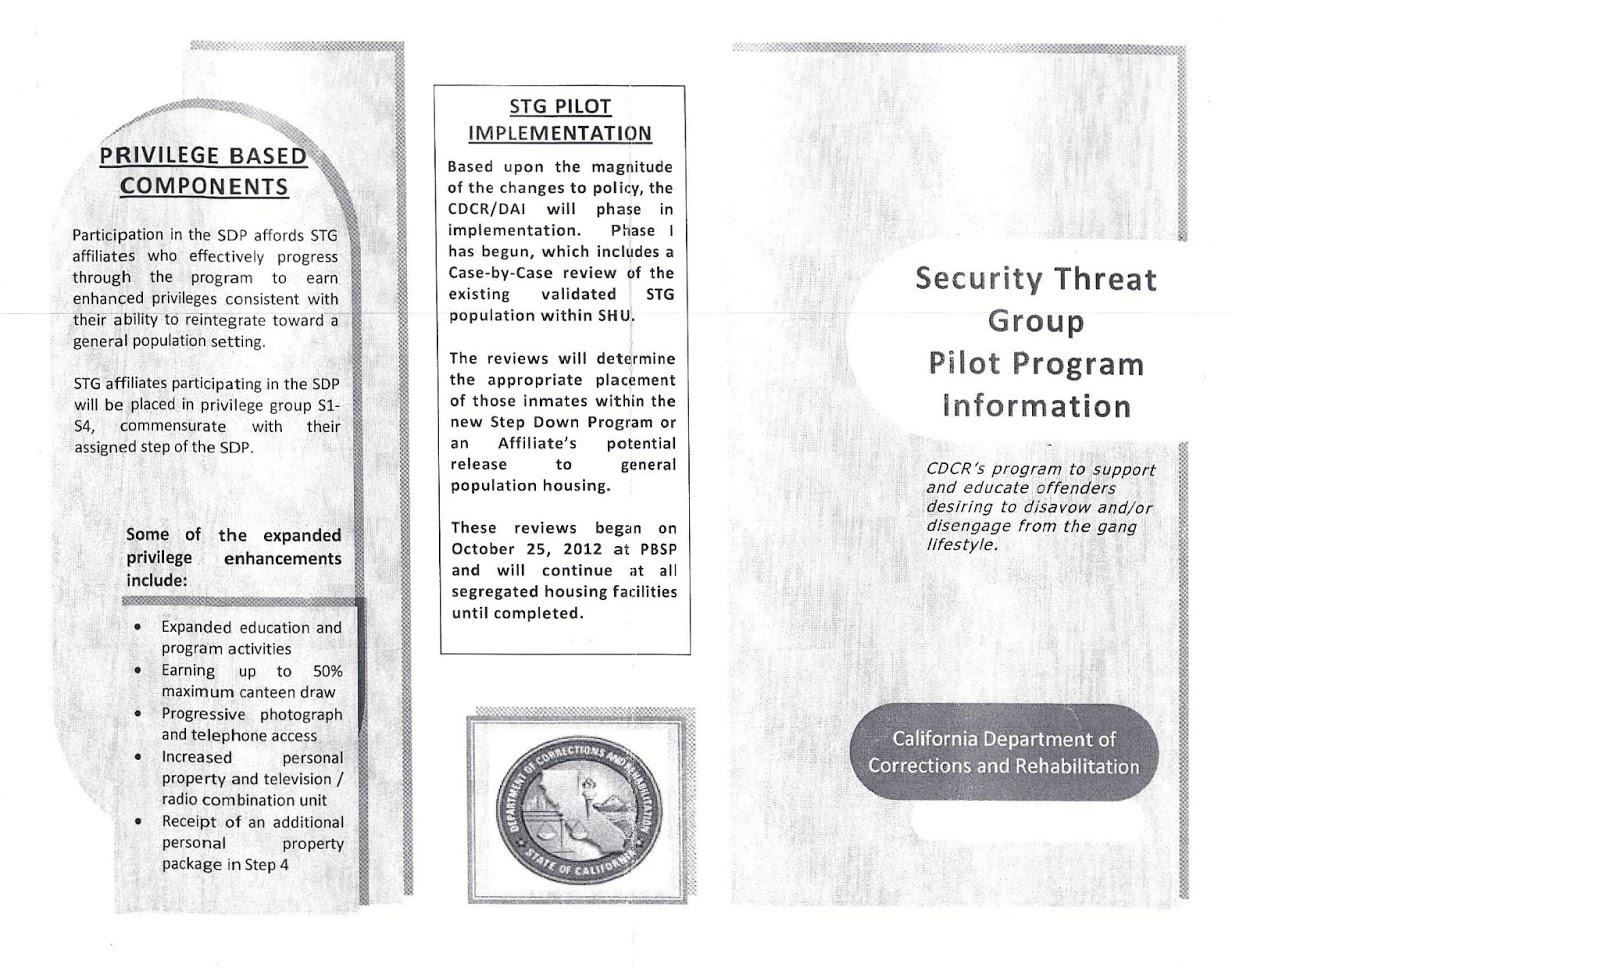 NCTT-Cor-SHU: CDCR's Security Threat Group Pilot Program